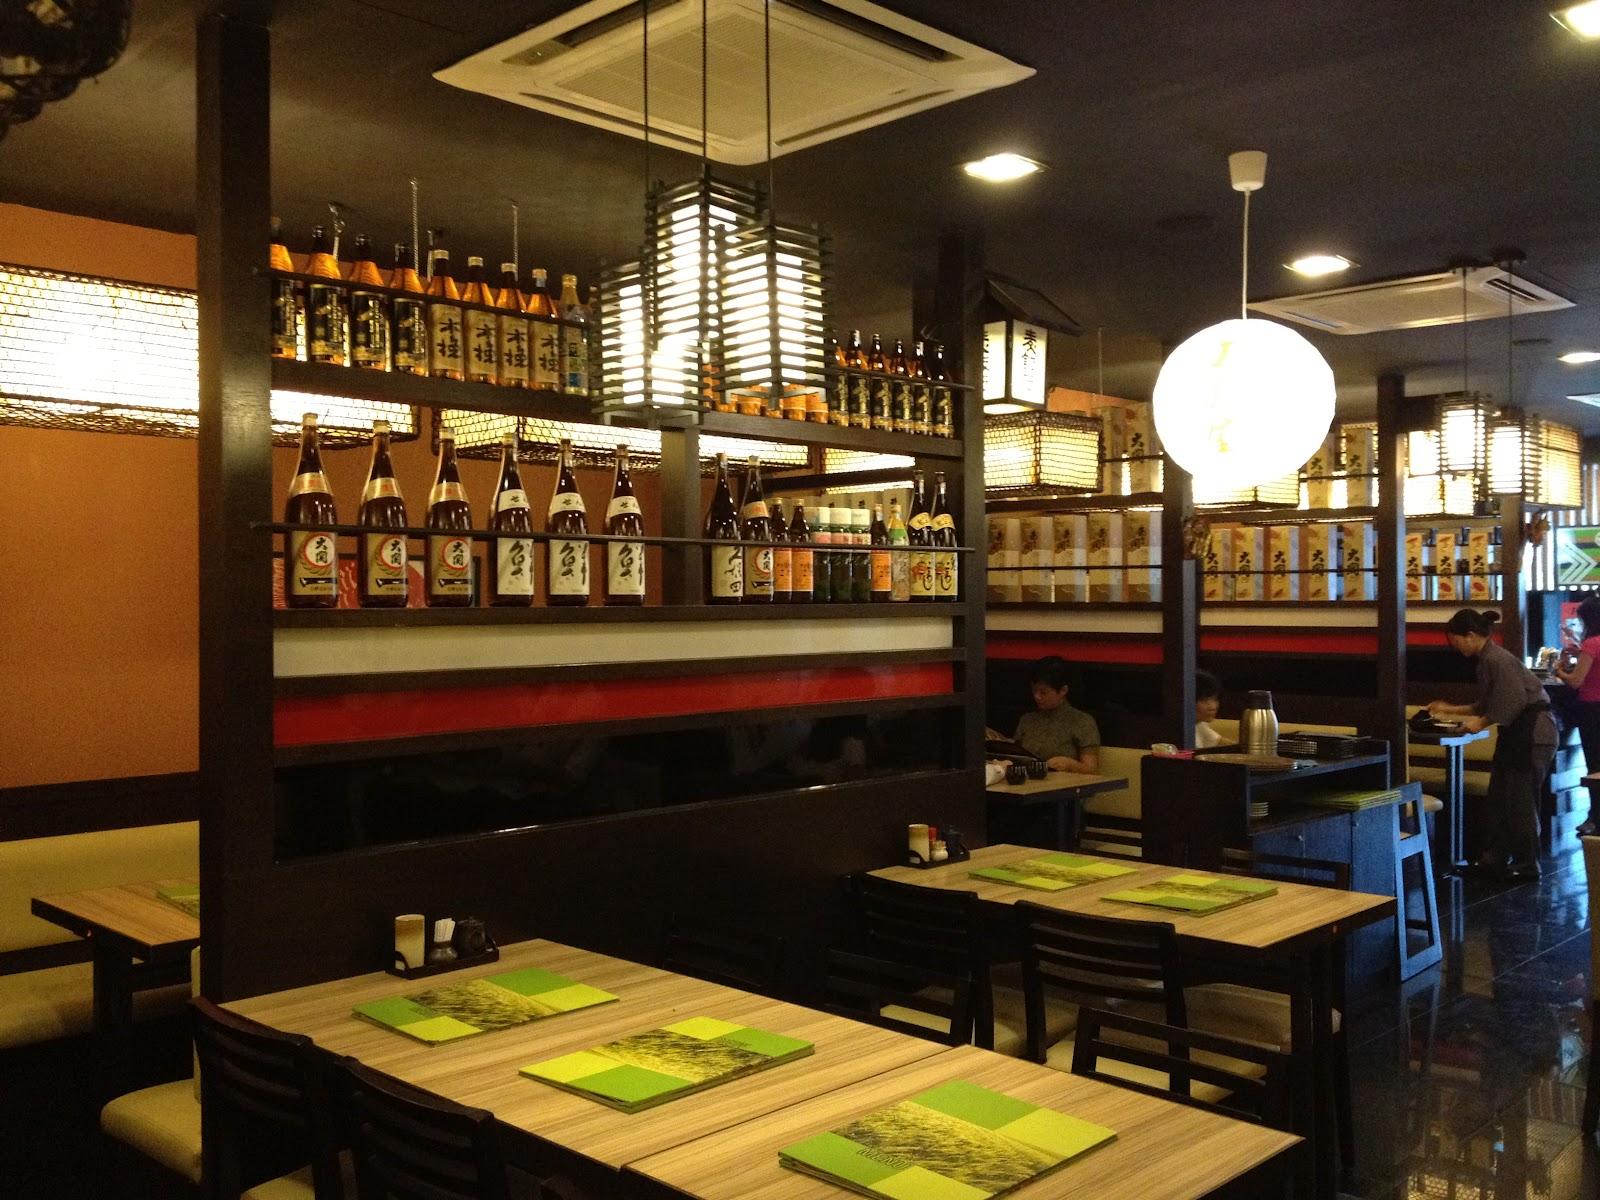 Cheng lavie tosaya japanese restaurant cheras midah for Asian cuisine catering